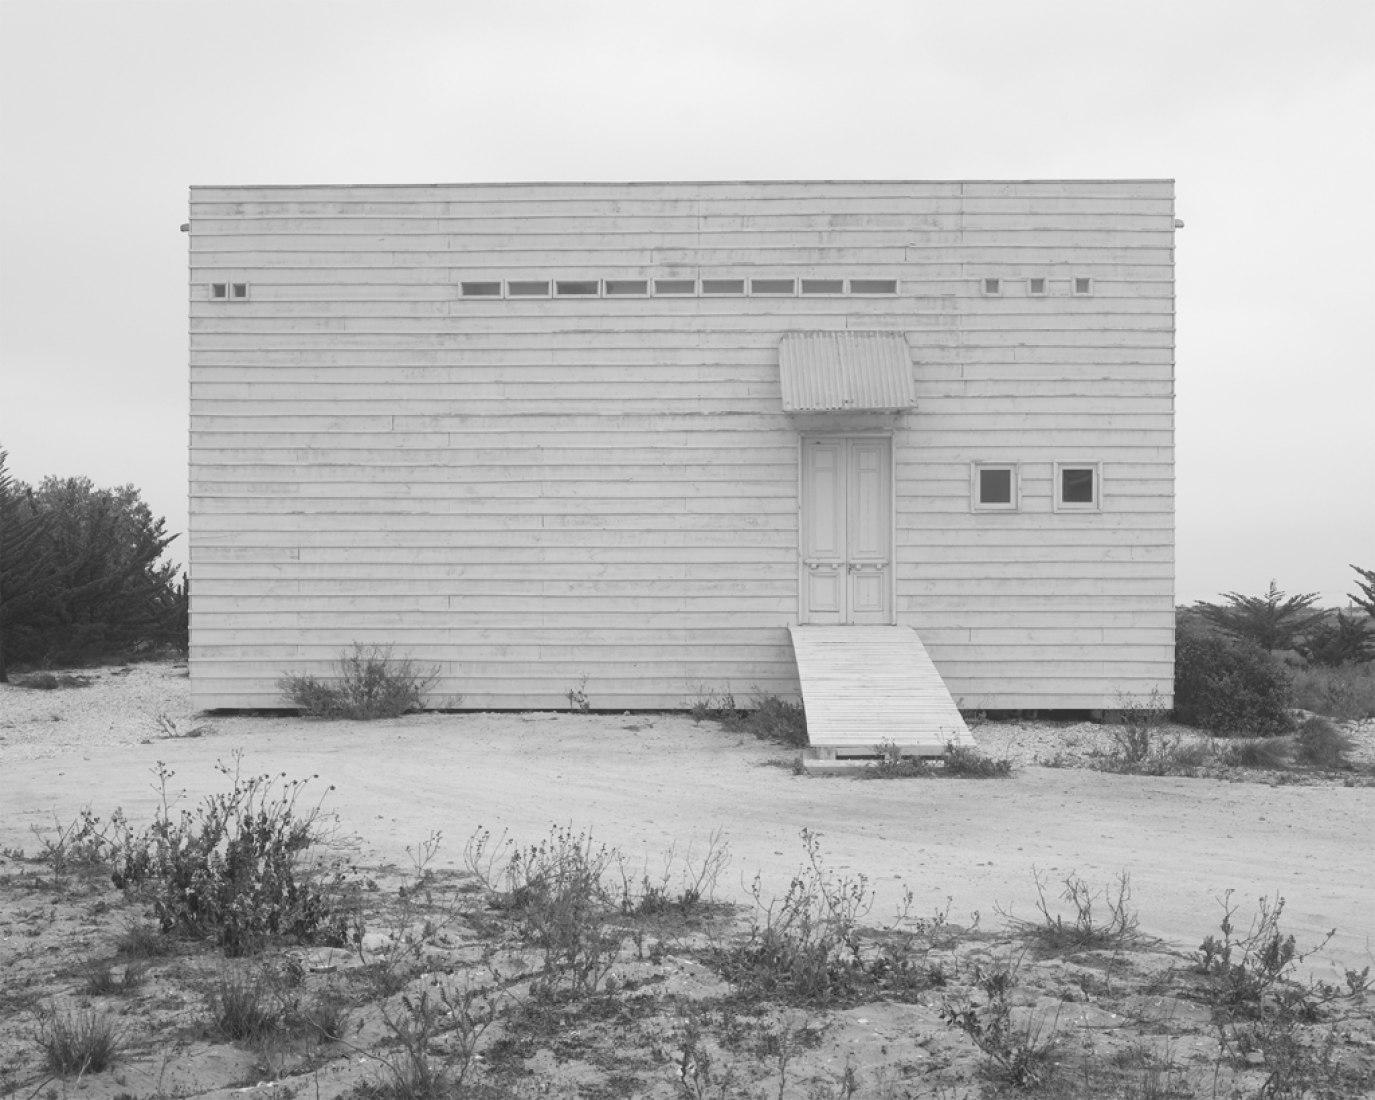 Casa Klotz. Mathias Klotz. Fotografía © Roland Halbe. Cortesía de Aedes Architecture Forum